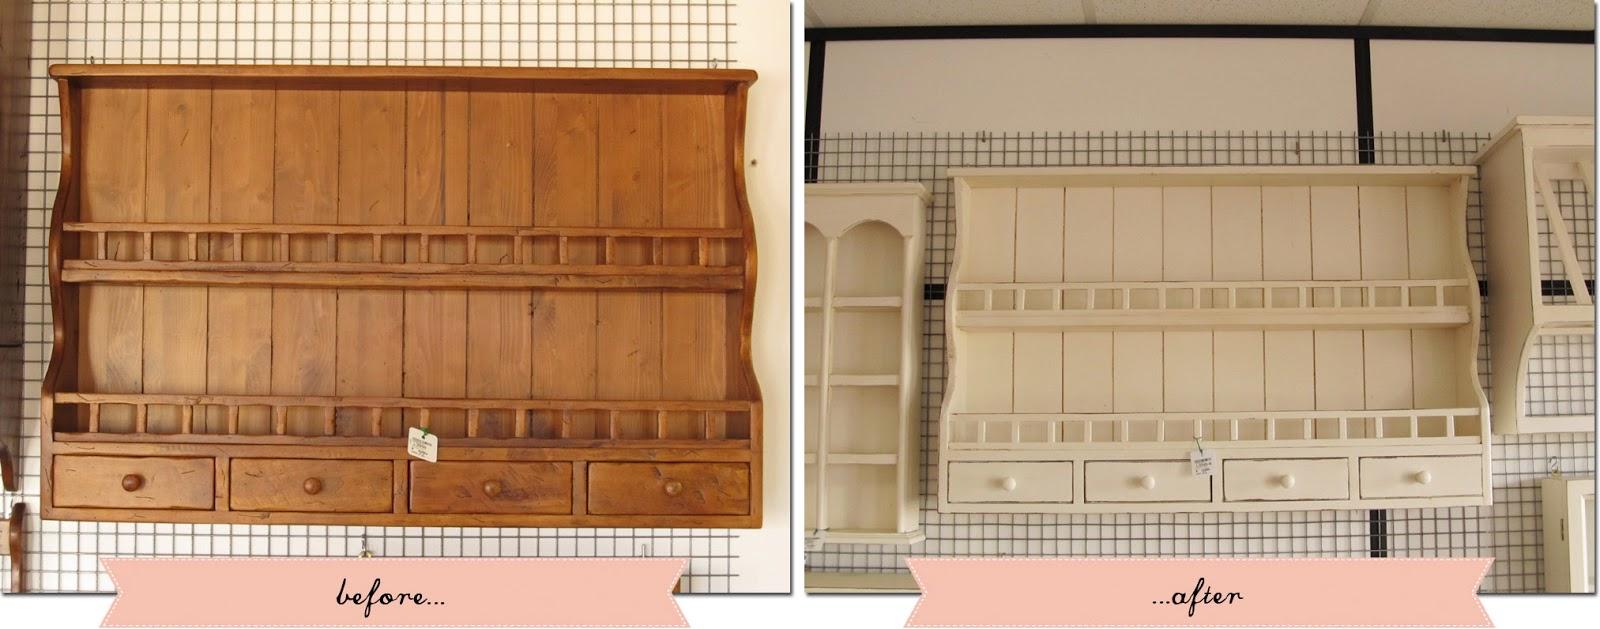 Una piattaia tanti stili shabby chic interiors - Mobili legno grezzo ikea ...